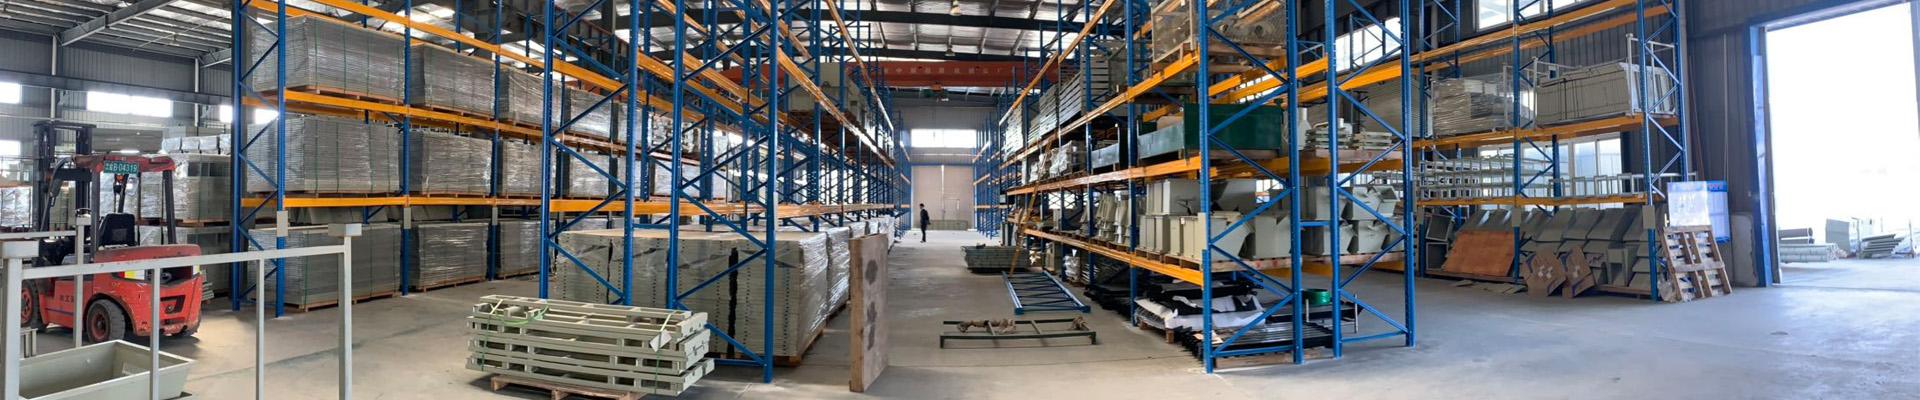 科杰智能仓储设备是一家致力于提供智能仓储物流设备解决方案的企业。